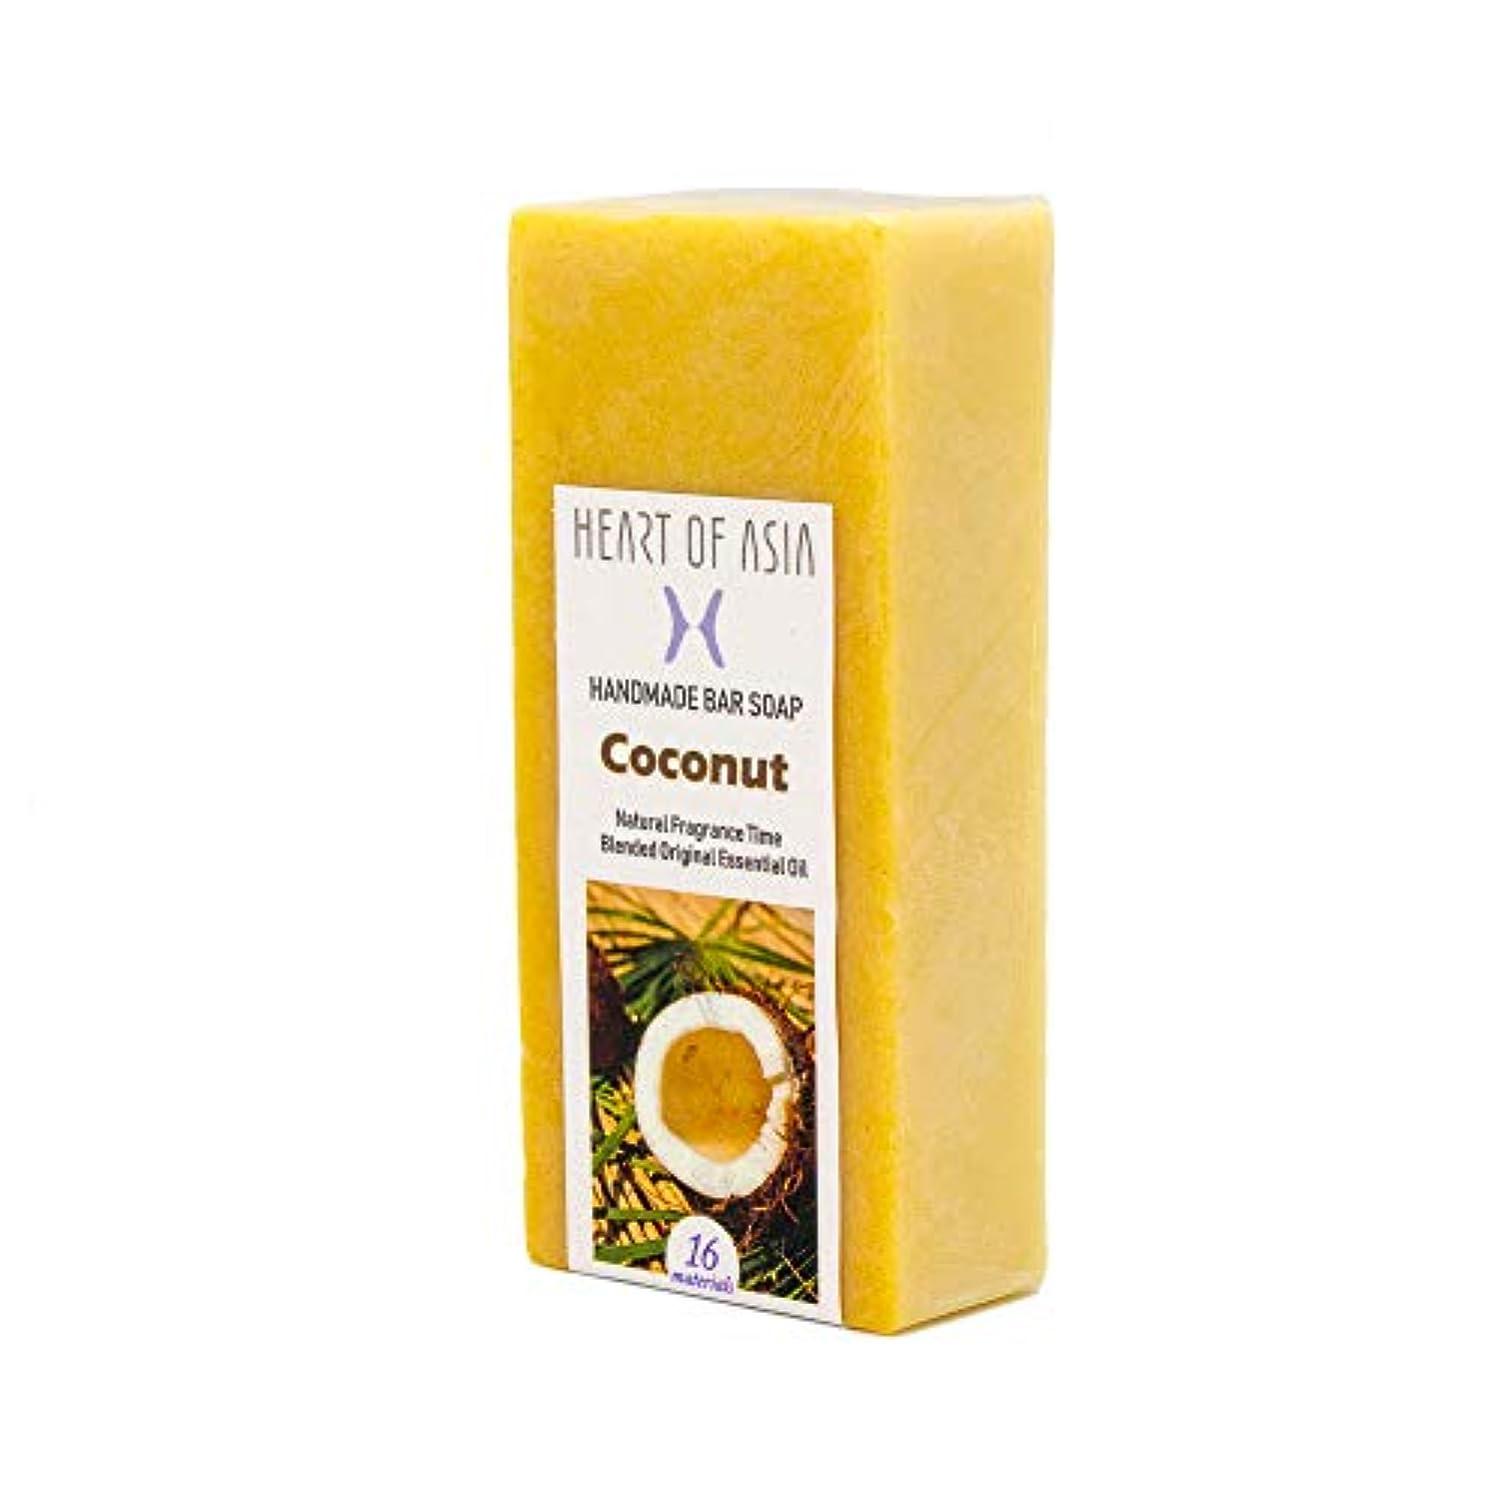 フィッティング冗談で故意に香水のようなフレグランス石けん HANDMADE BAR SOAP ~Coconut ~ (単品)